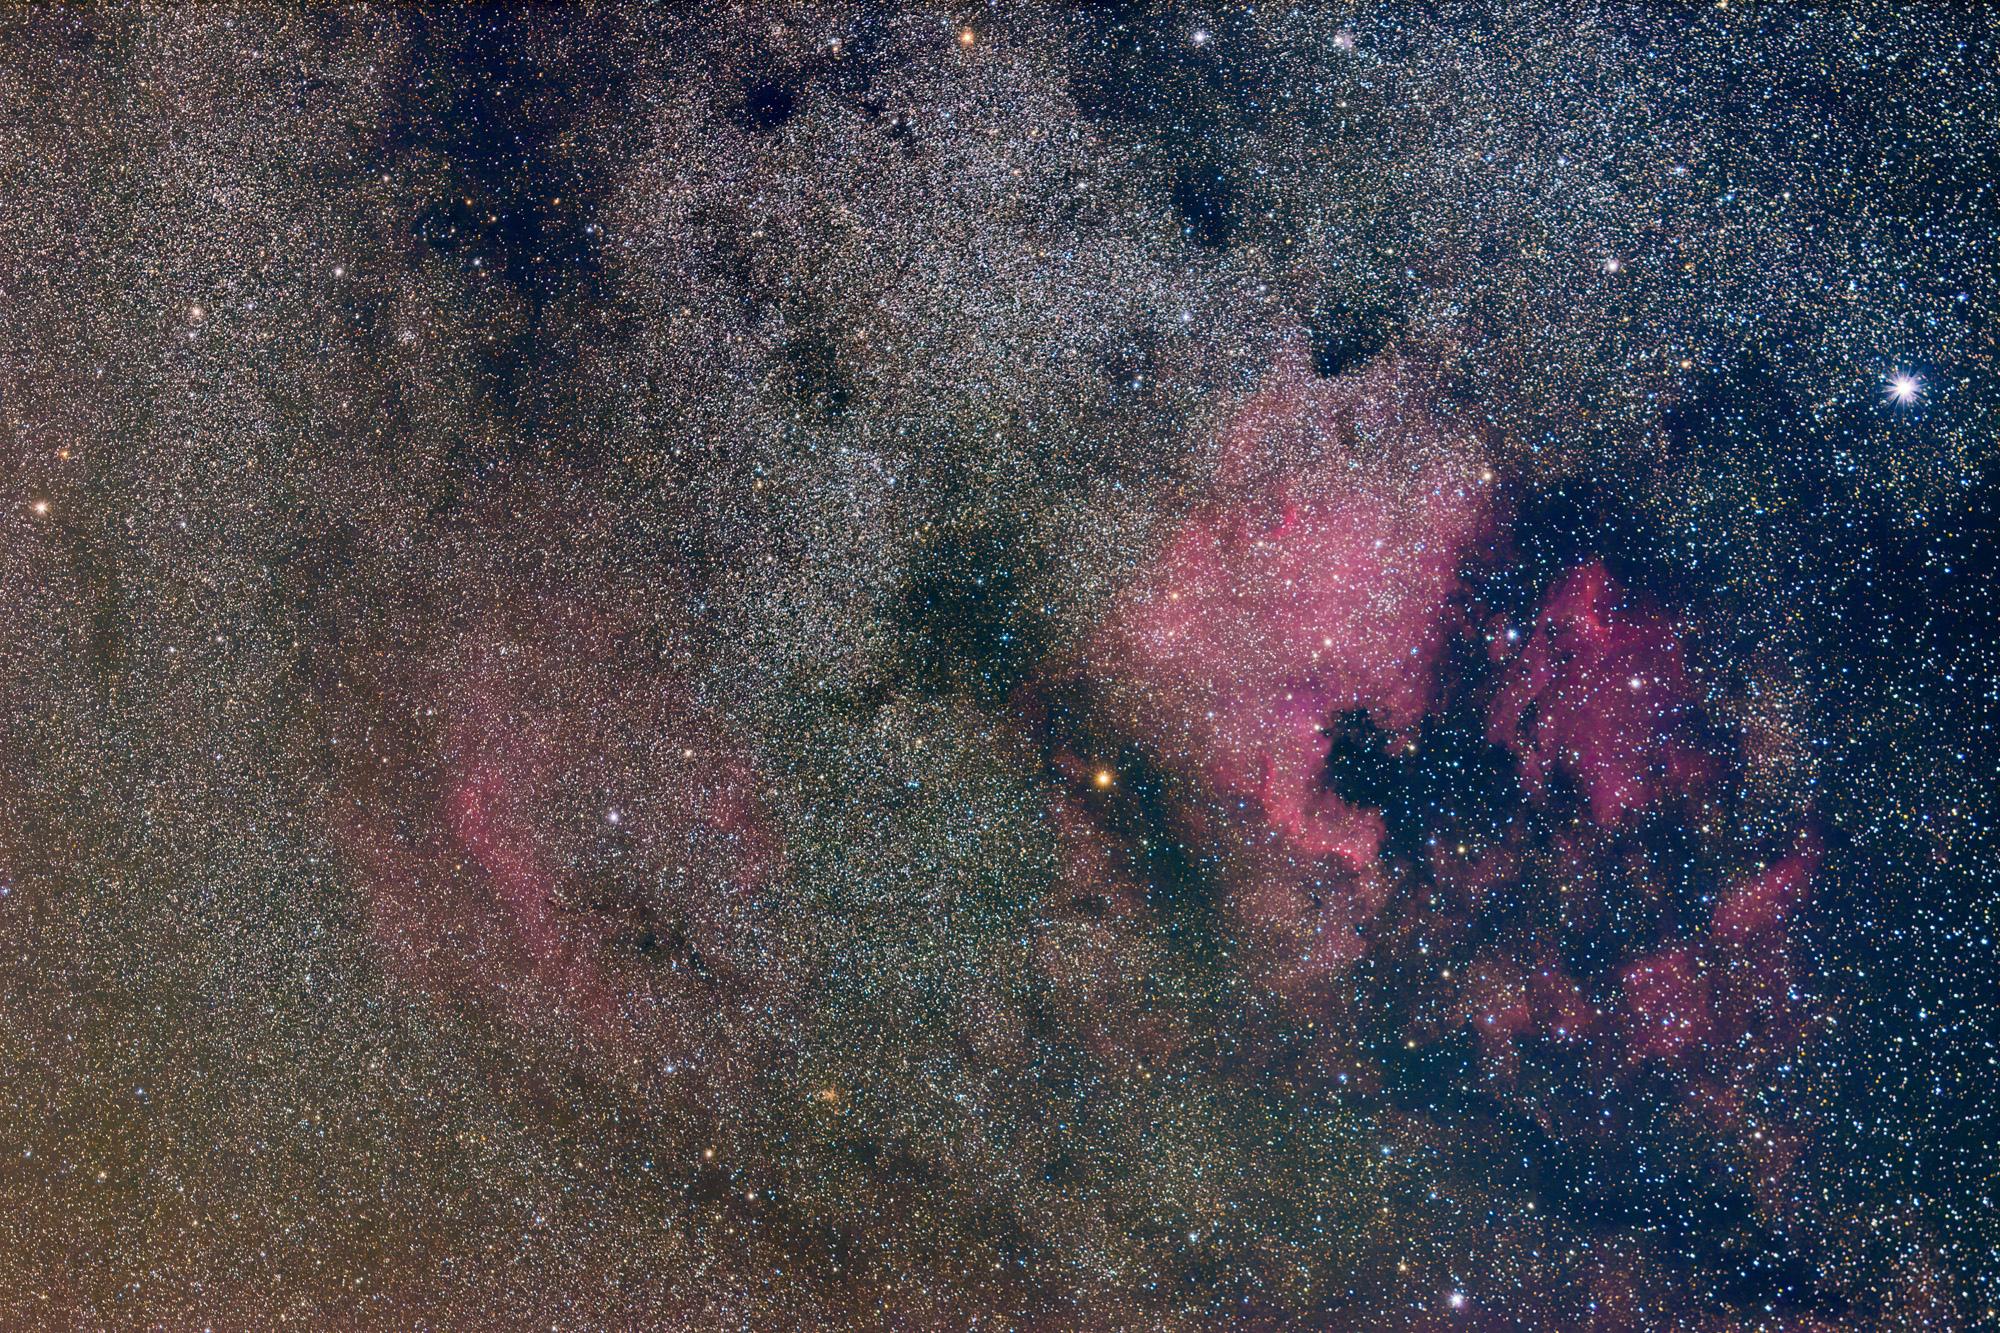 20200622-NGC7000-SAM135-2.8-XT1-L163X10s-D30-F21-6400-SEQ-SIRIL-PS-2000.jpg.6510a01930c81fa647abb4e99d87bc49.jpg